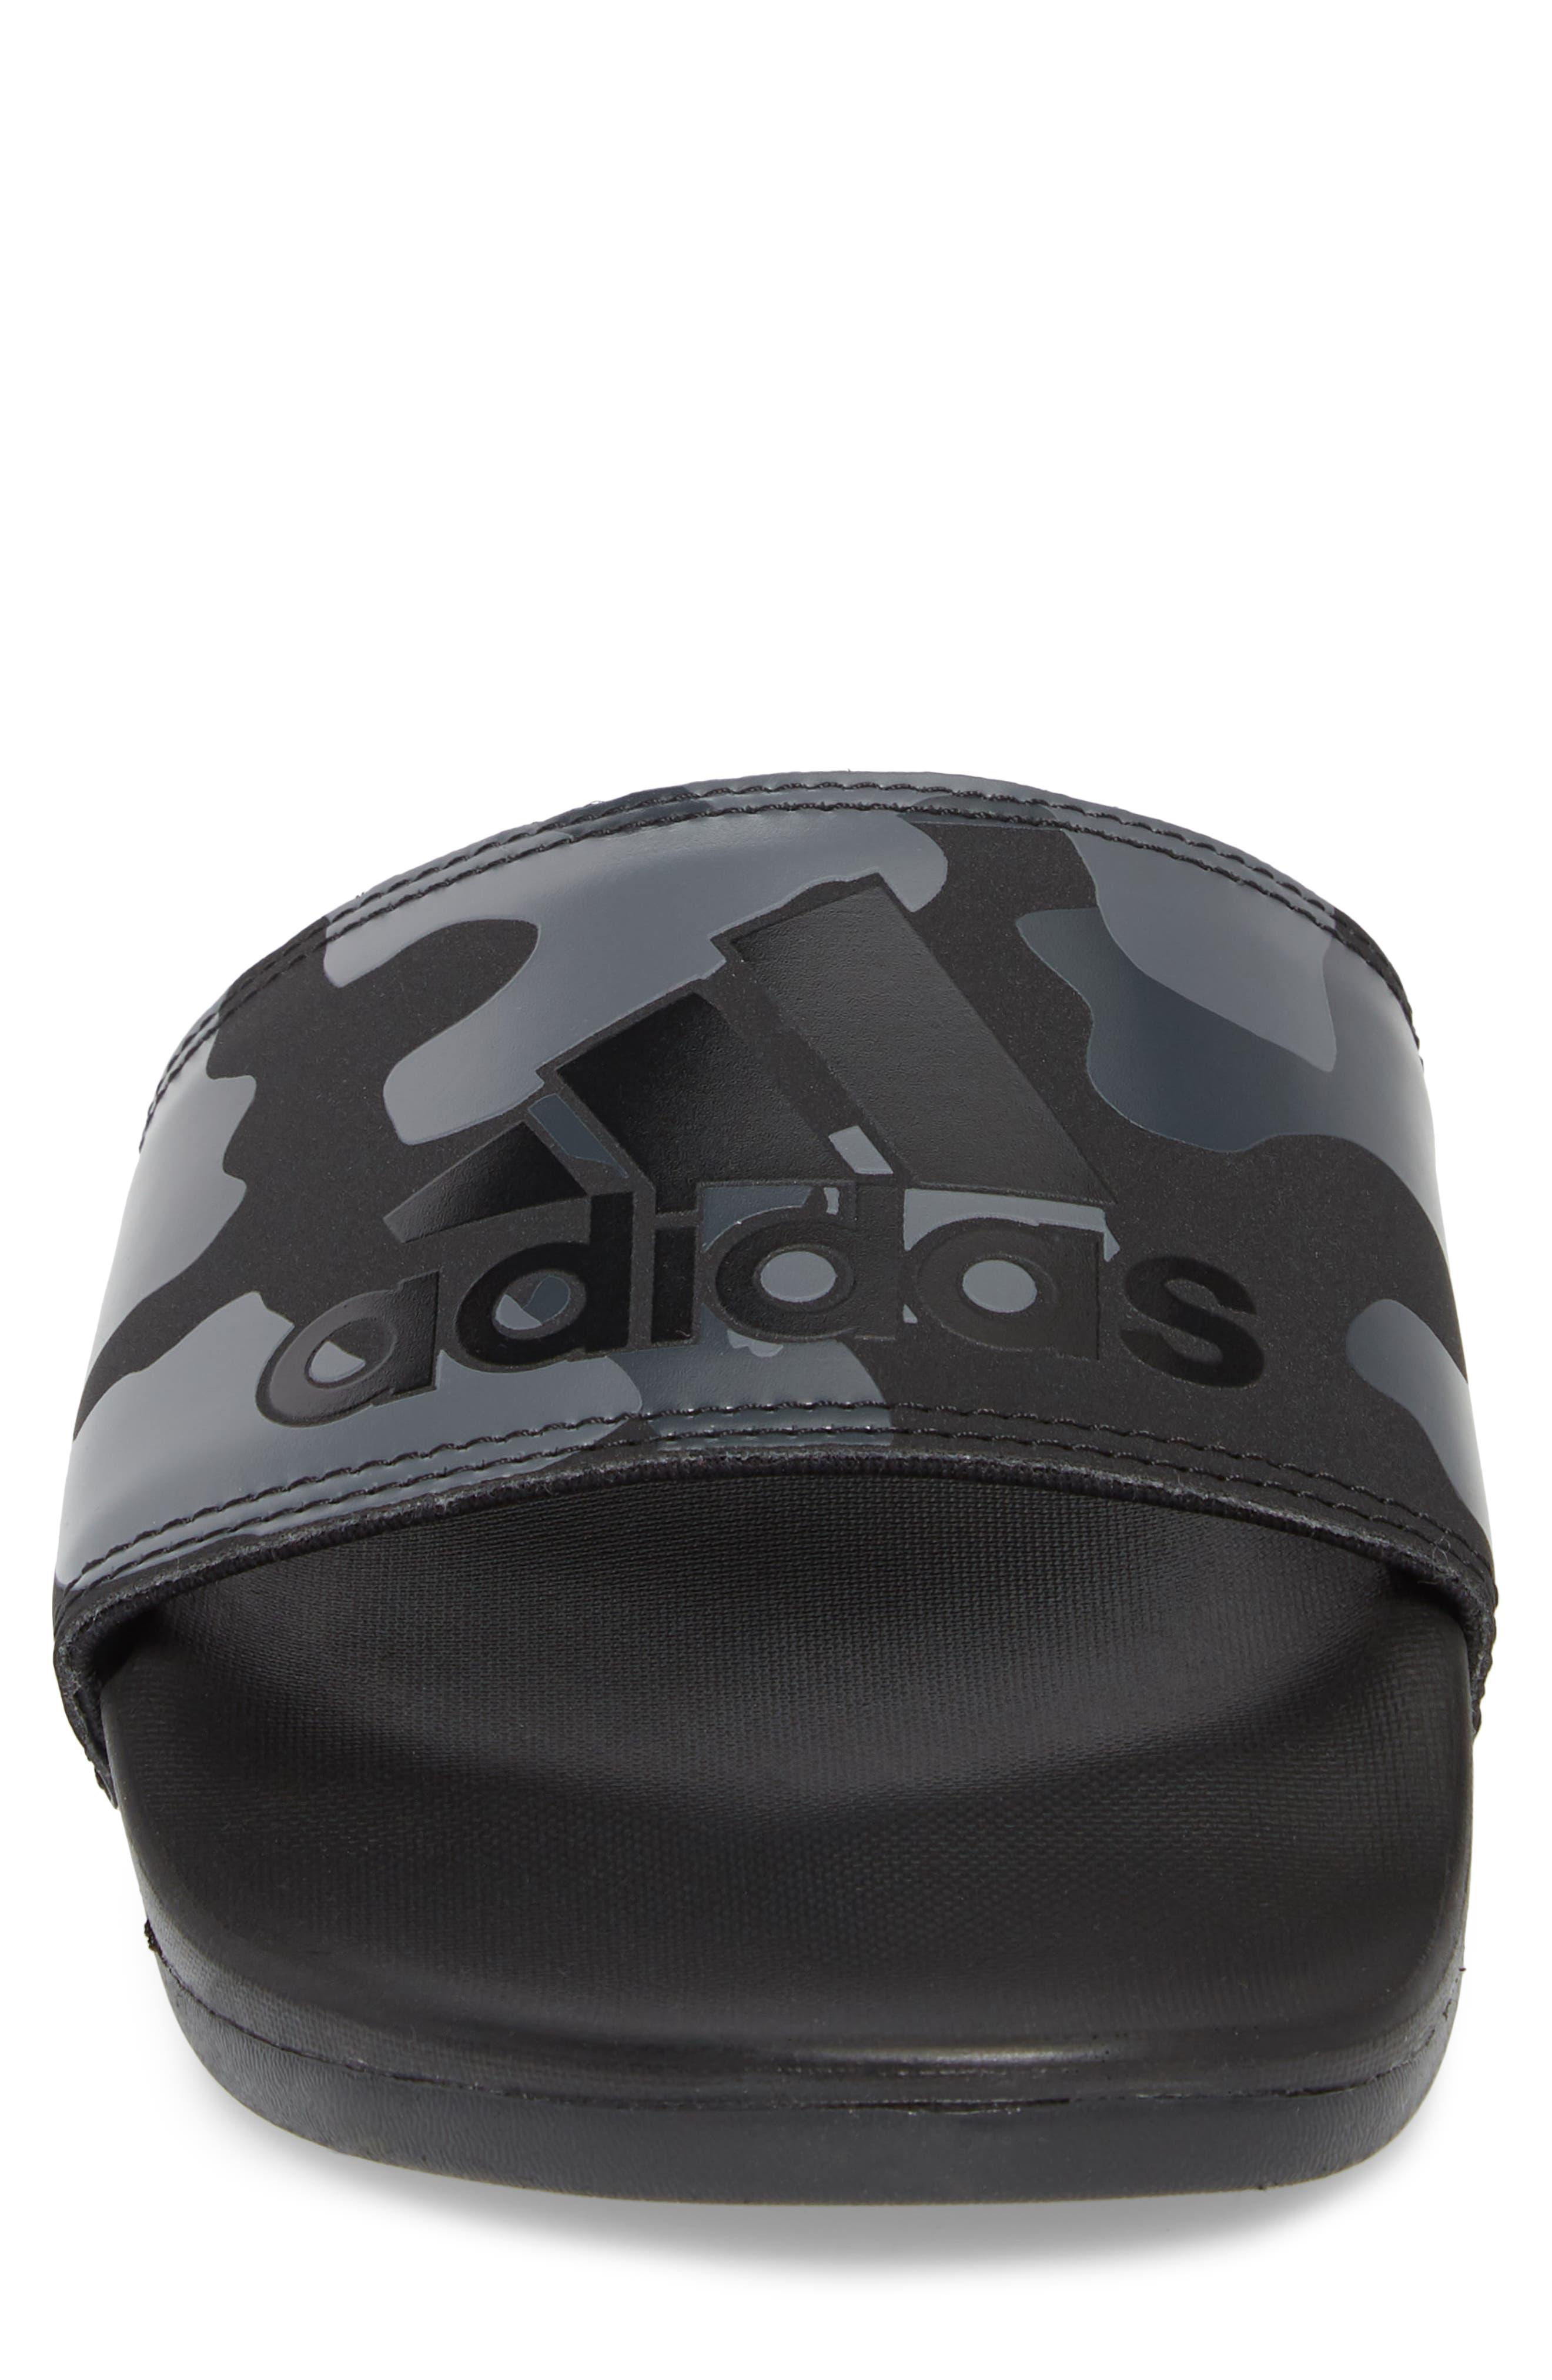 Cloudfoam Plus Slide Sandal,                             Alternate thumbnail 4, color,                             Core Black/ White/ Carbon